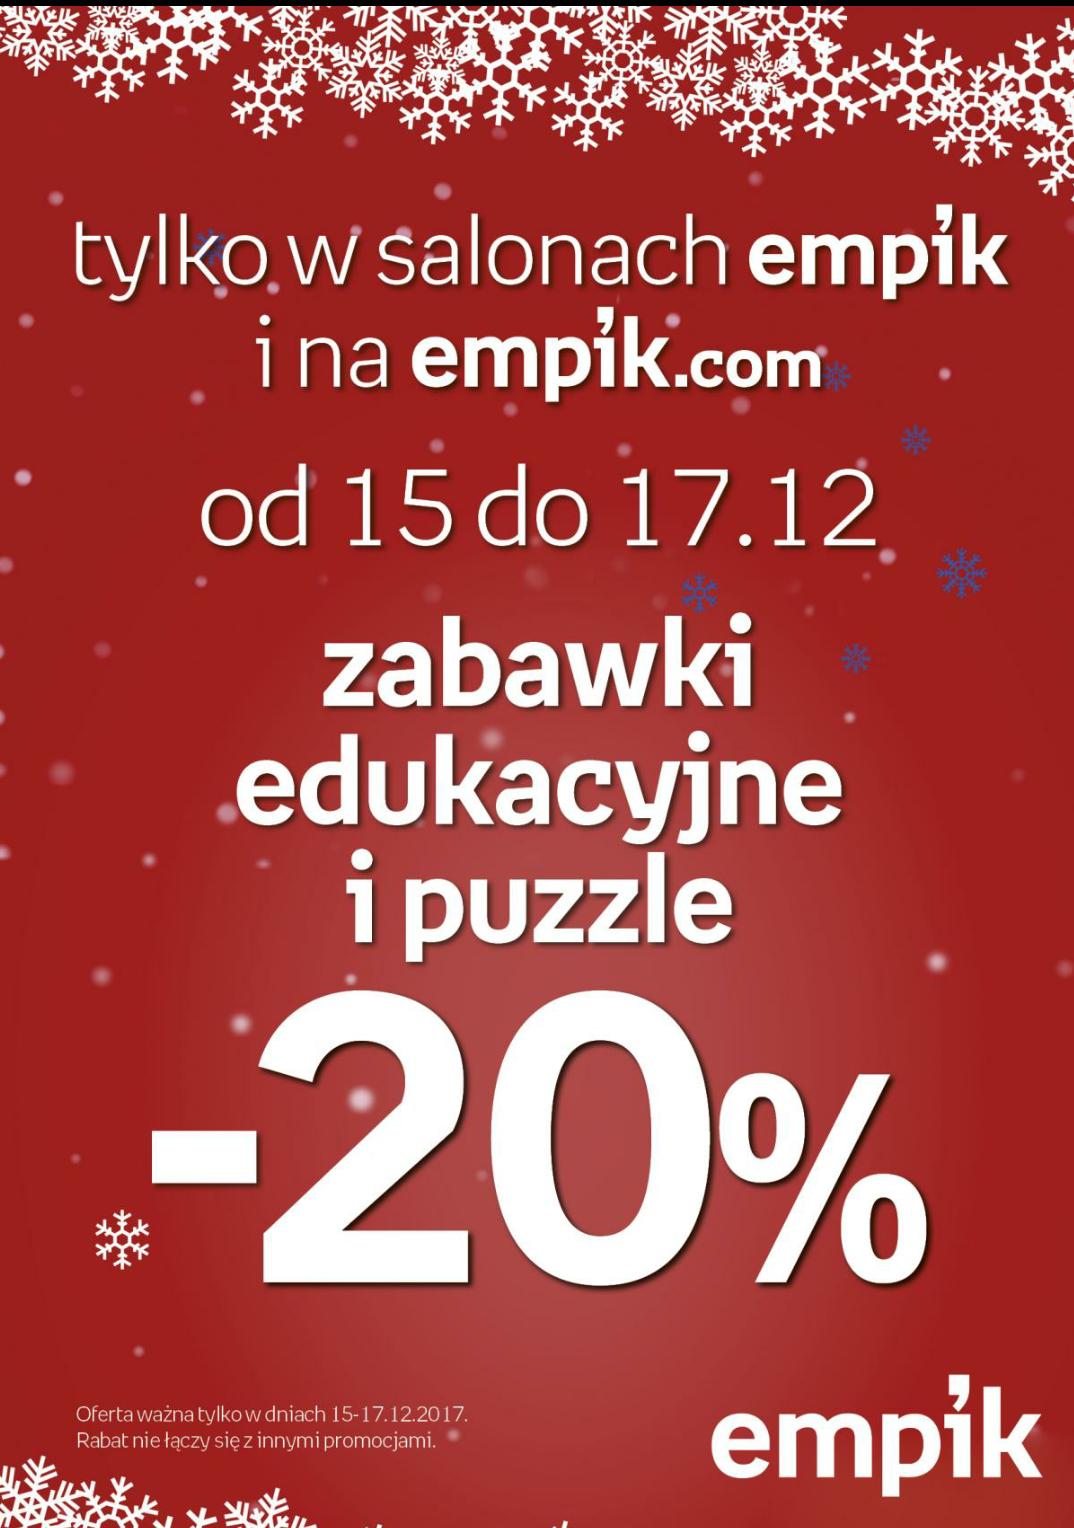 Zabawki edukacyjne i puzzle -20% Empik